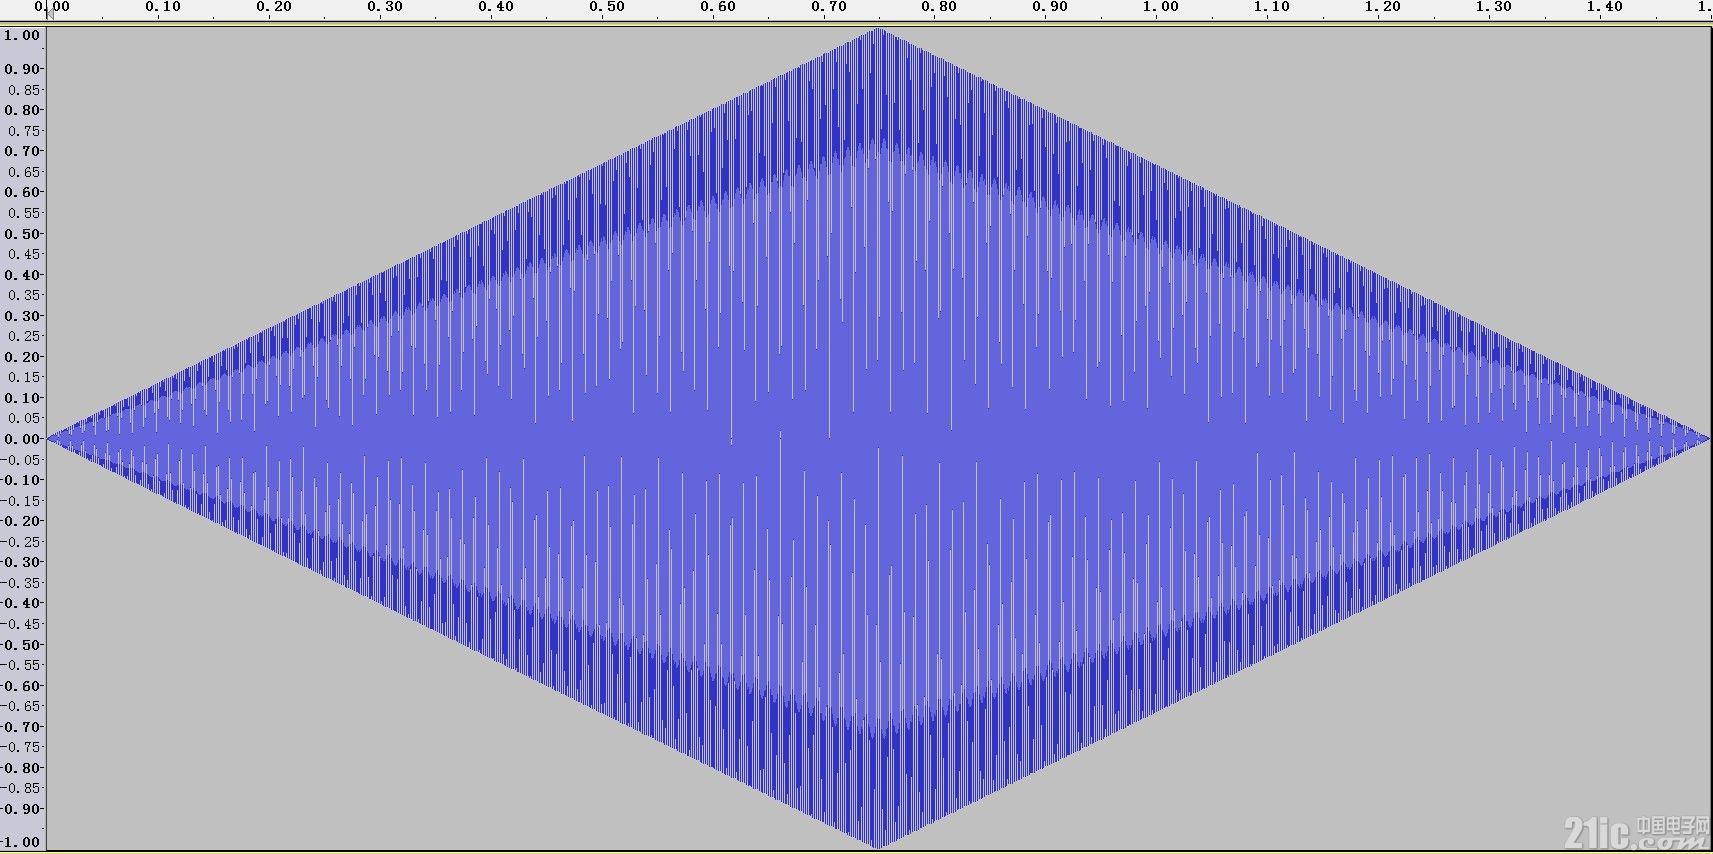 生成的幅度先增强后减弱的正弦音频形状.jpg